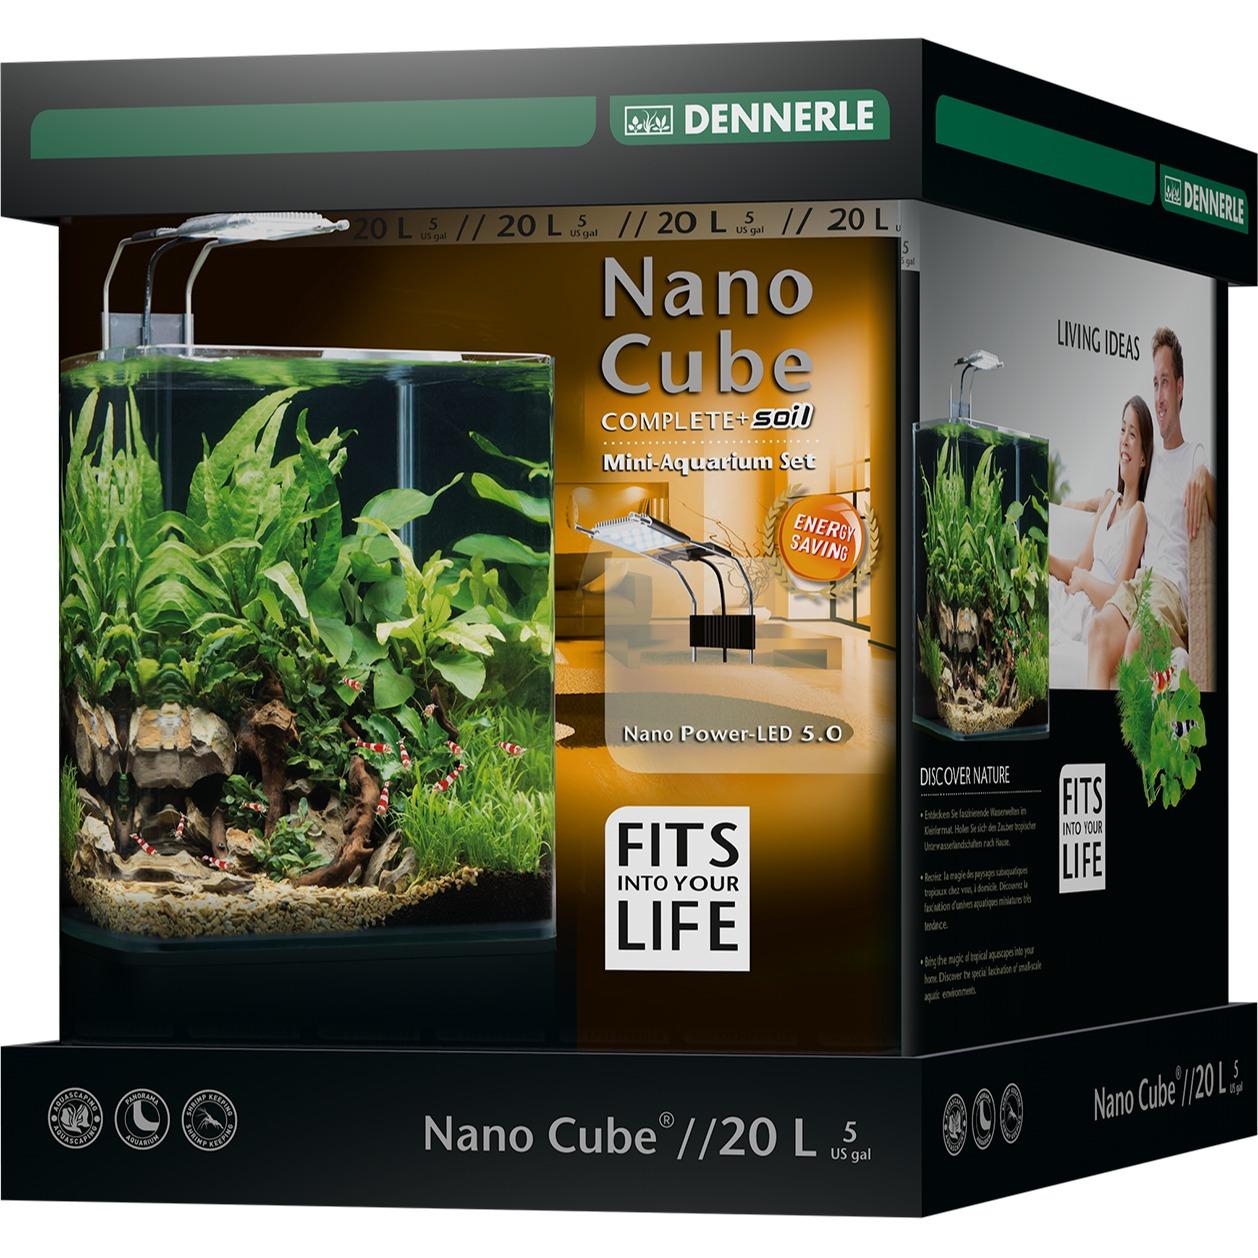 DENNERLE Nano Cube Complete+ 20 L nano-aquarium 25 x 25 x 30 cm avec substrat, gravier, filtration et éclairage Power LED 5.0